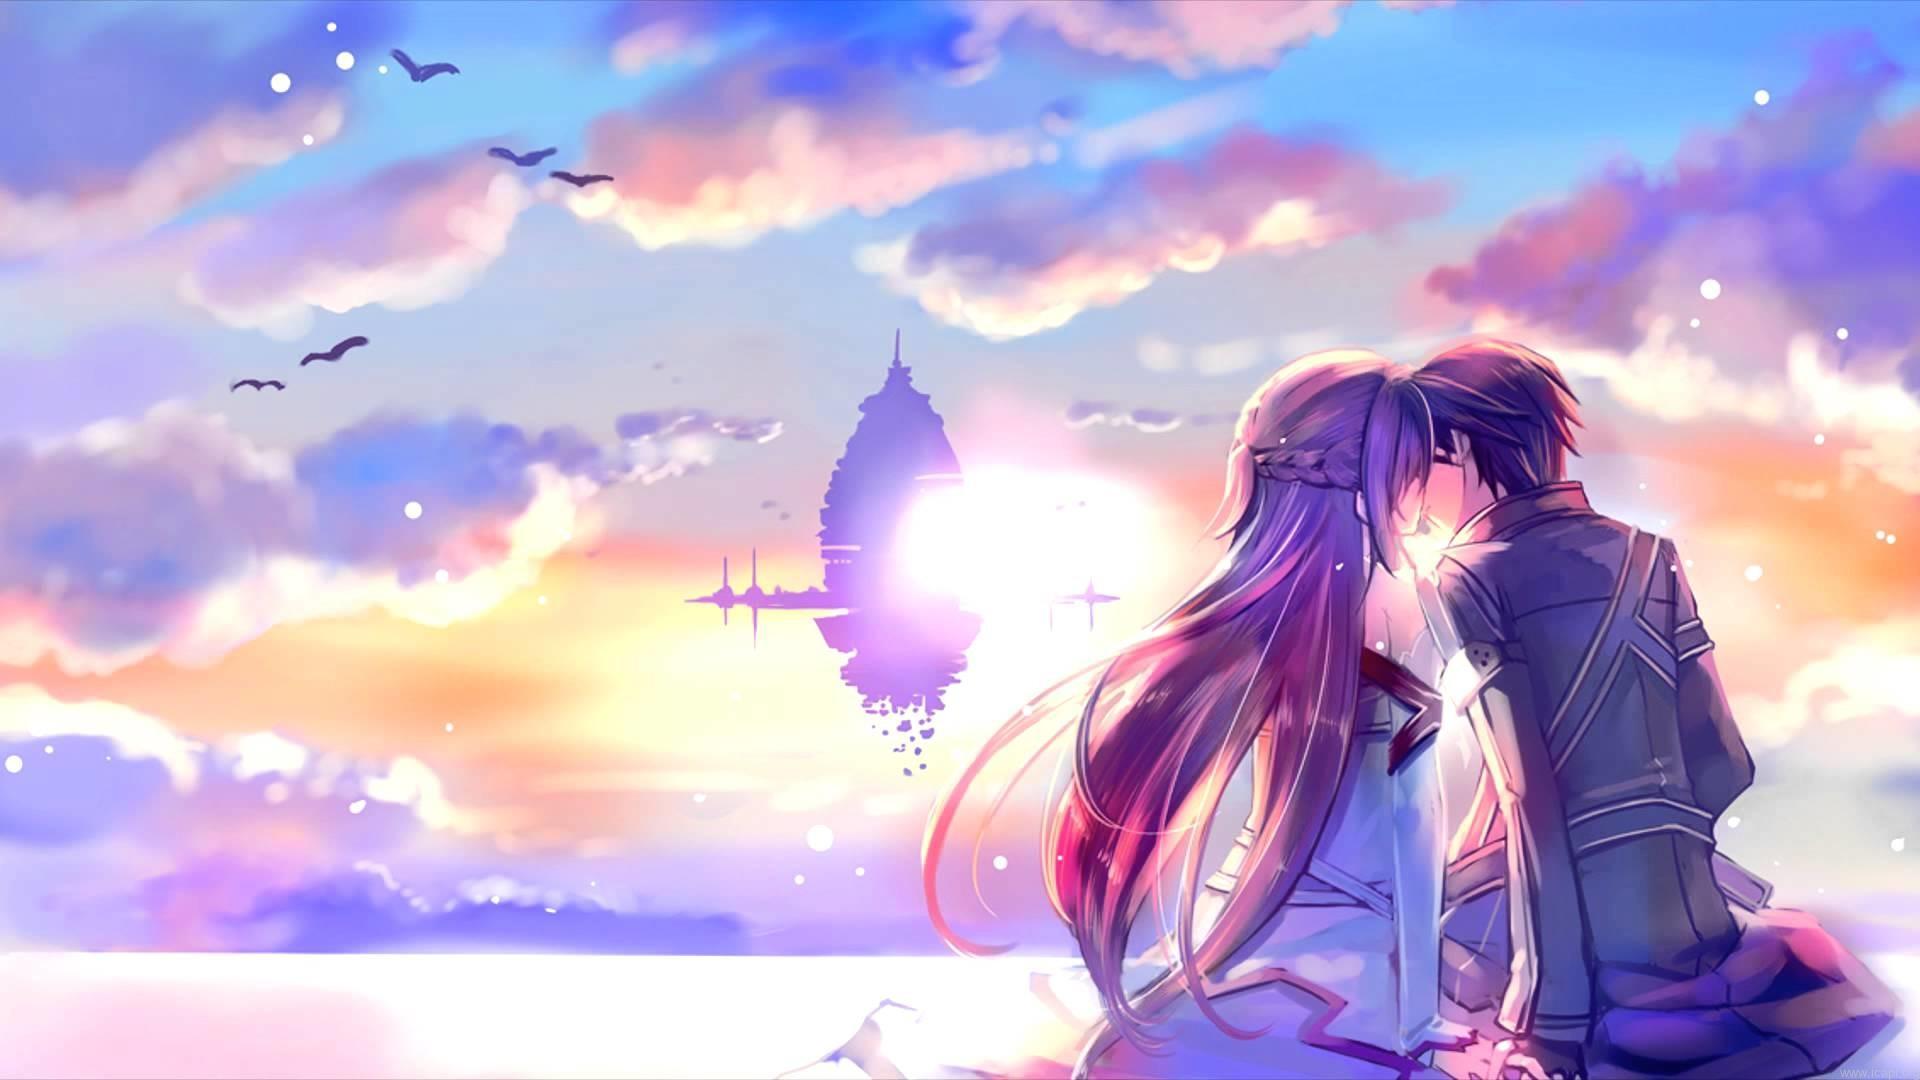 hình nền anime 3d đẹp